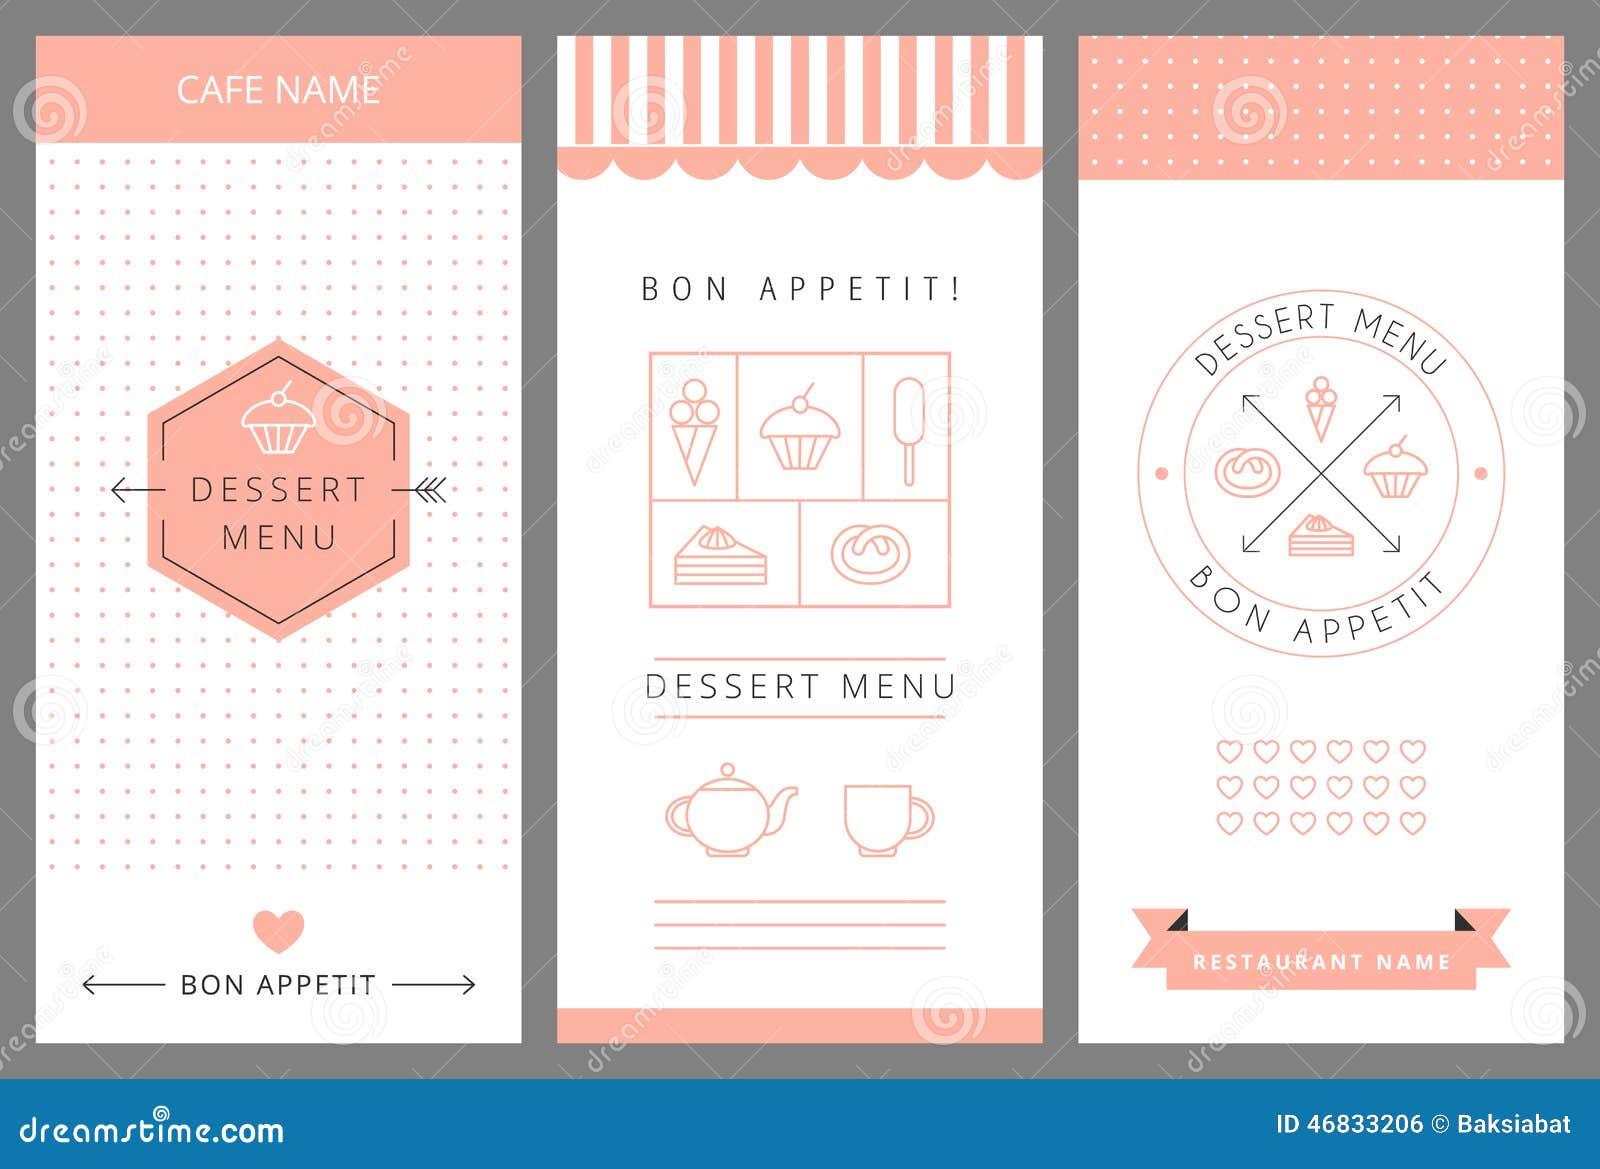 dessert menu card design template stock vector image 46833206. Black Bedroom Furniture Sets. Home Design Ideas